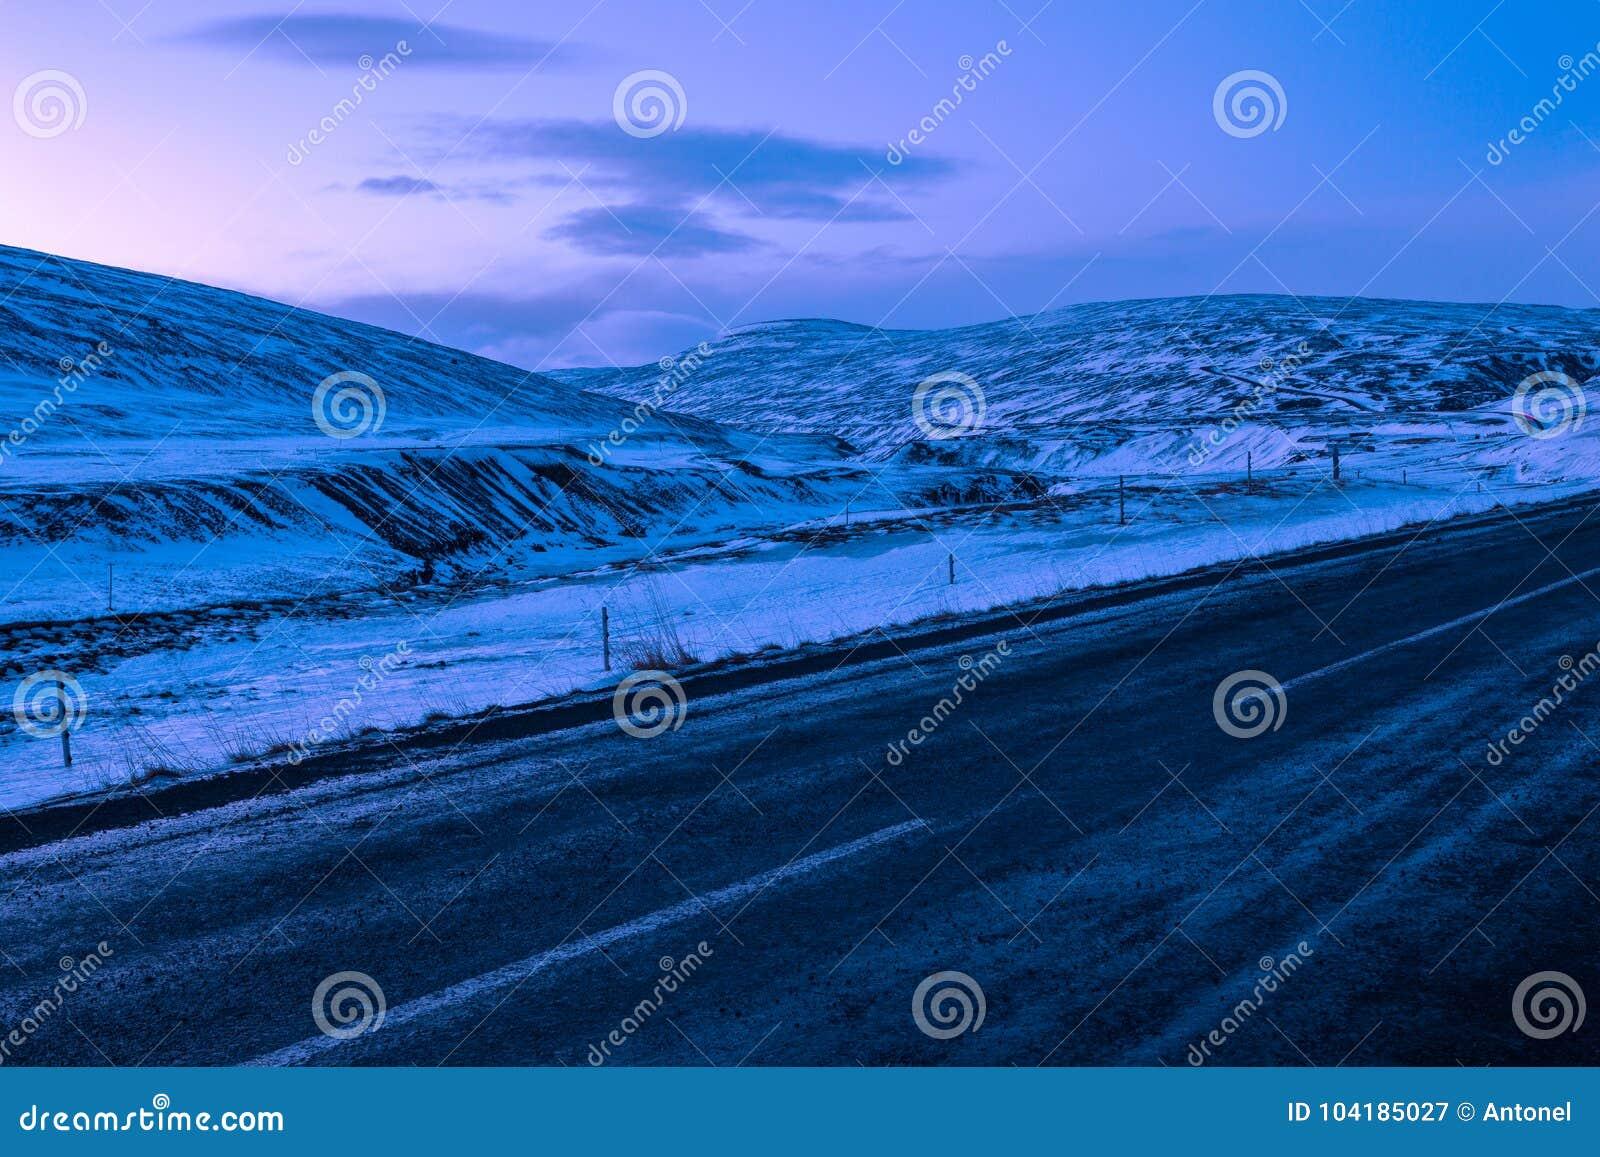 Övervintra typisk sikten på gryning från Ring Road Route 1 av nordost av Island, nära Egilsstadir